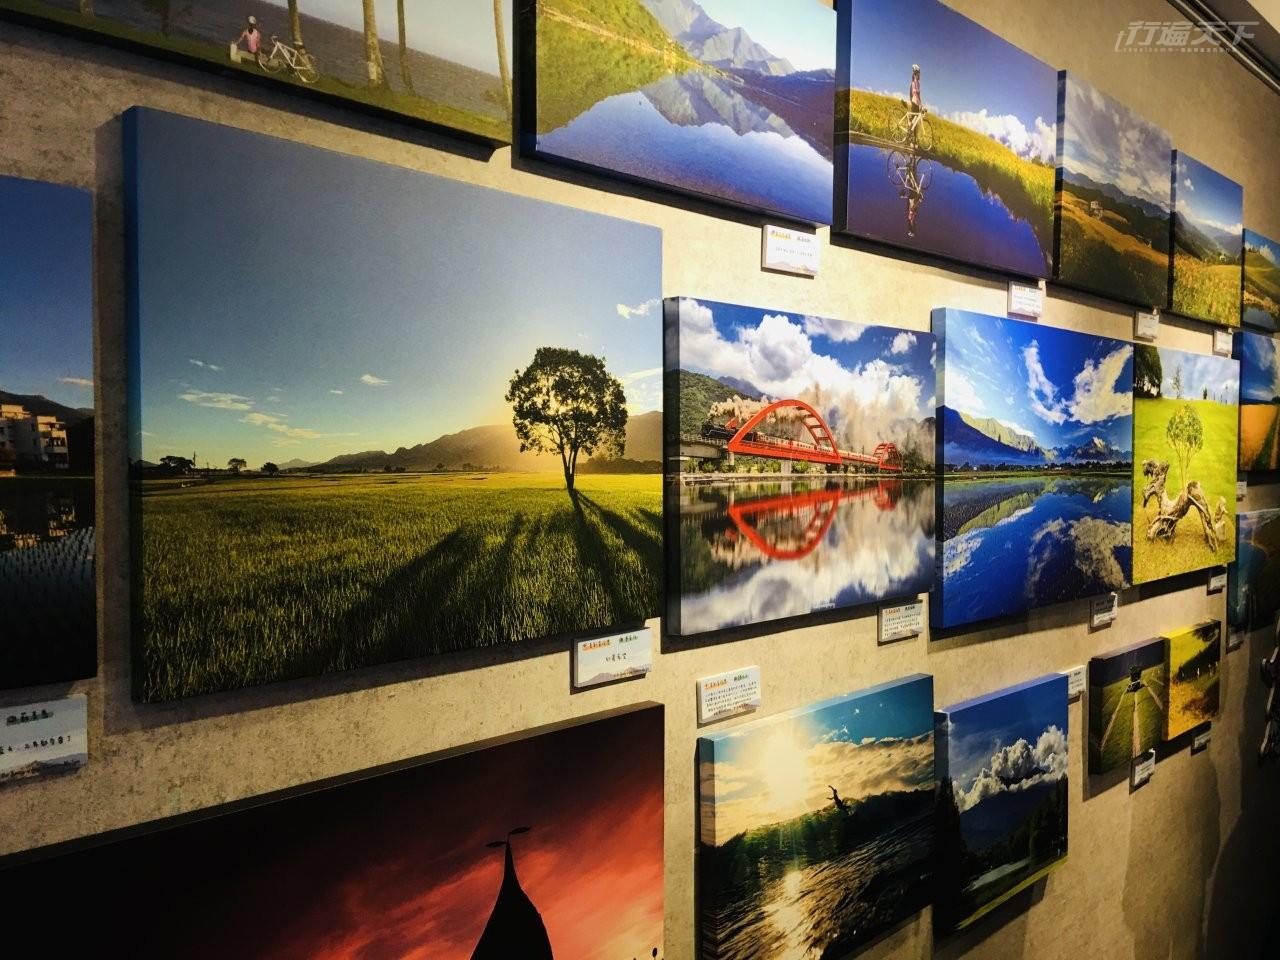 花蓮,台東,花東,縱谷,攝影展,美拍,美照,花東景點,構圖